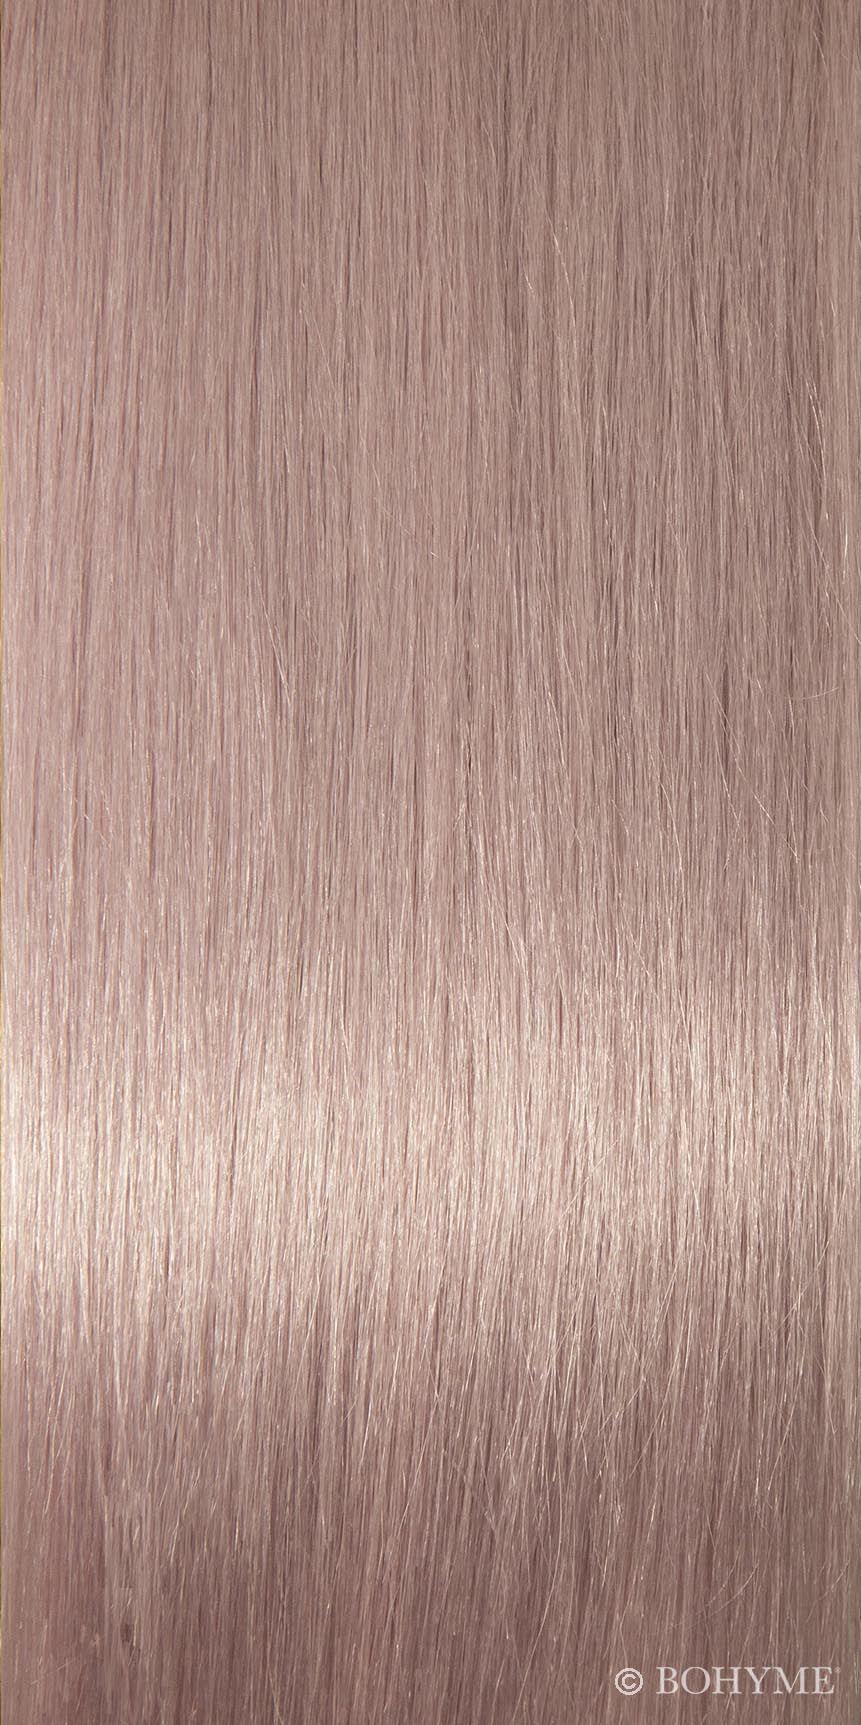 Lilac Mint Teal